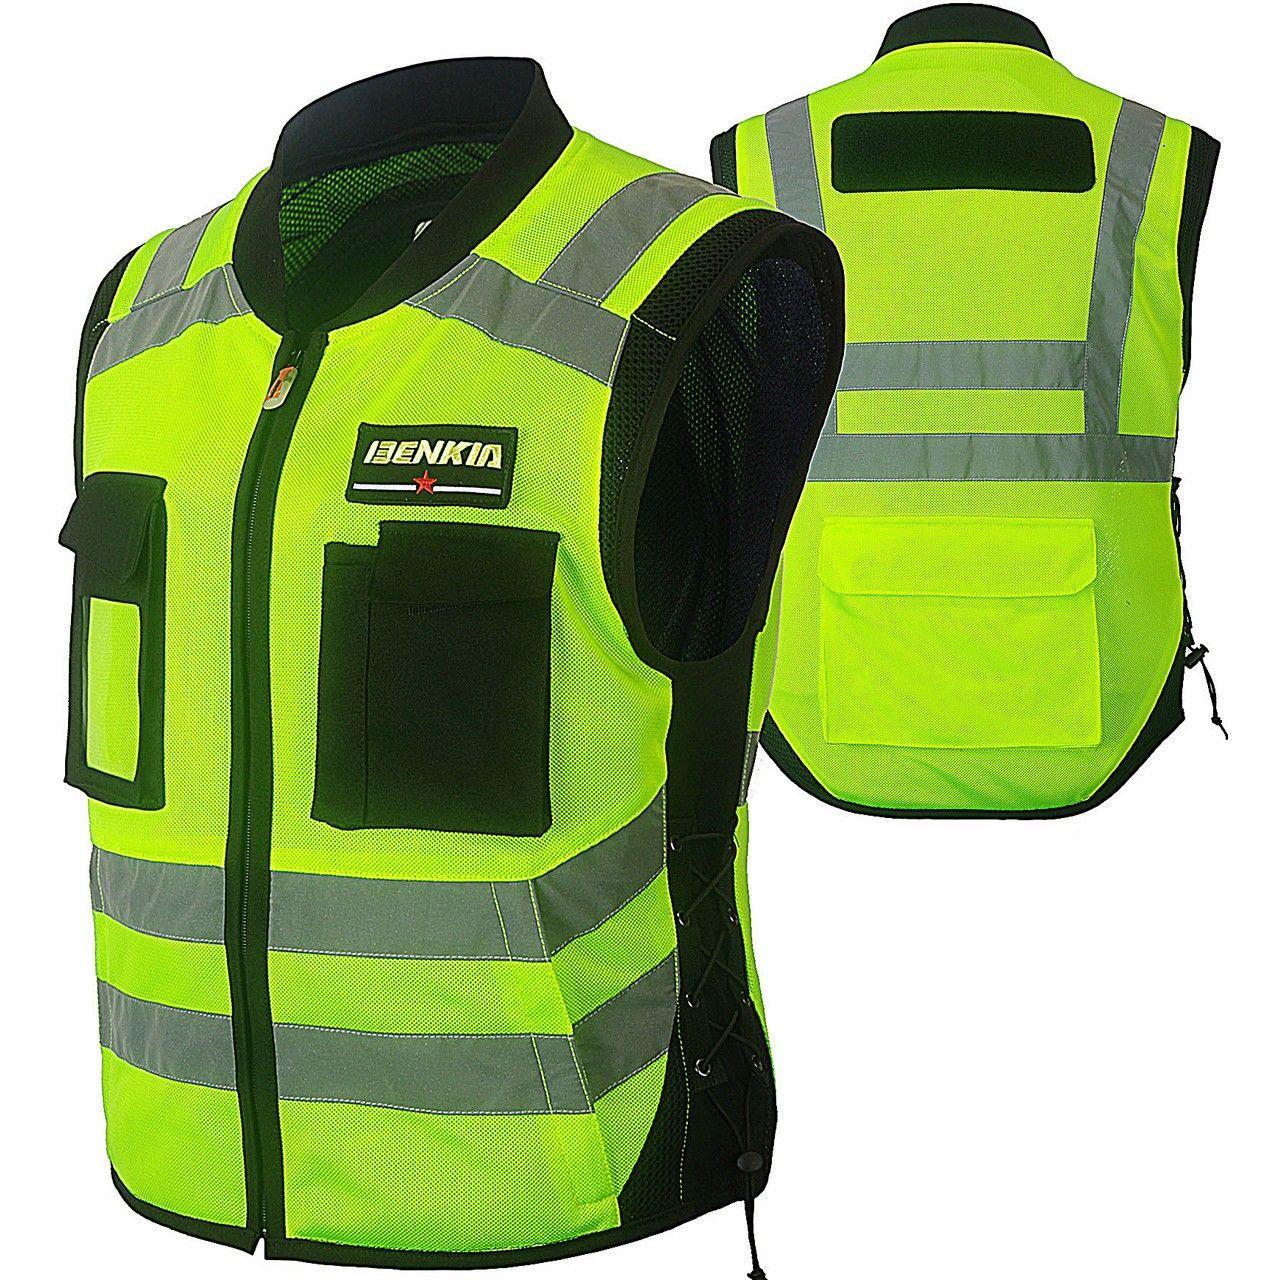 HDF-JK15 Safety Vest